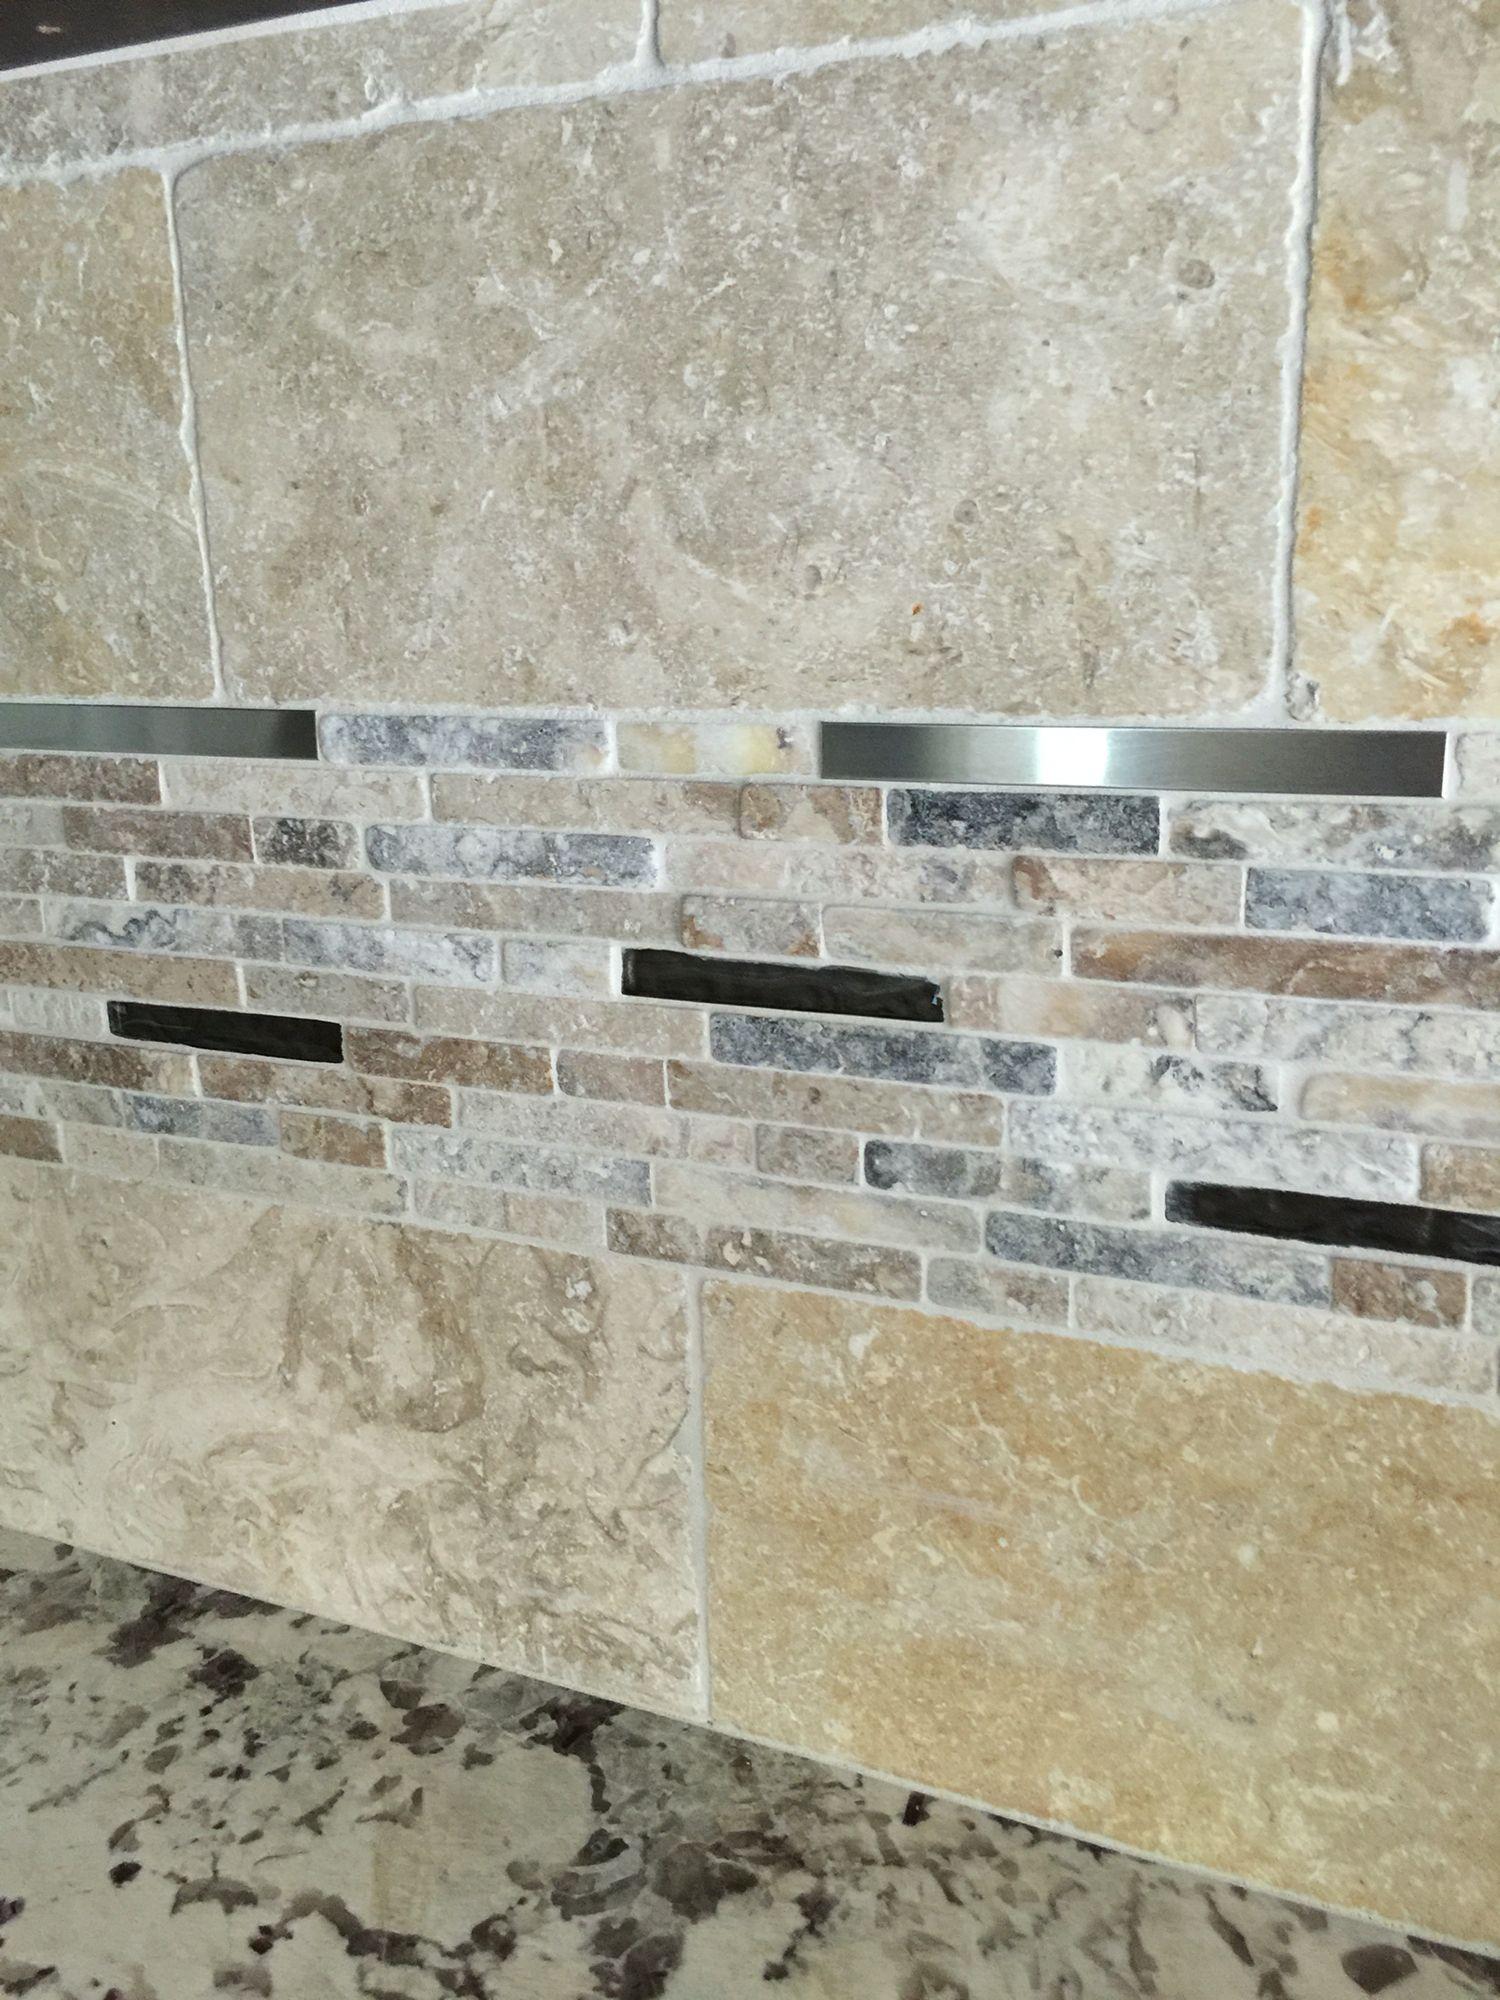 Backsplash. Tumbled limestone with mosaic inset